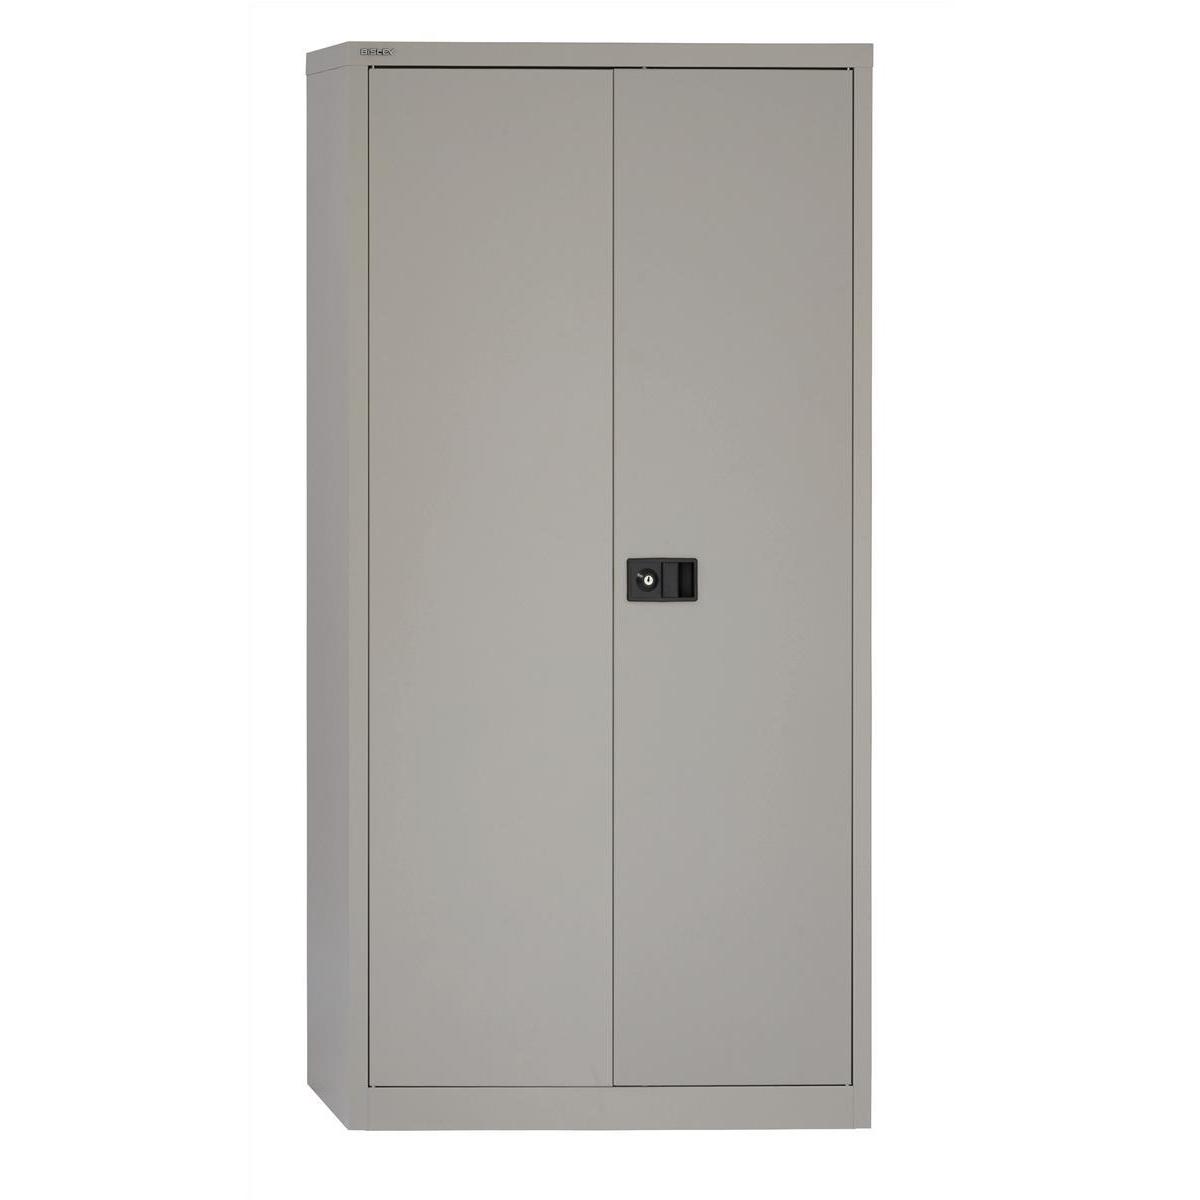 Storage cabinets Trexus Two Door Steel Storage Cupboard 914x400x1806mm Grey Ref 395017